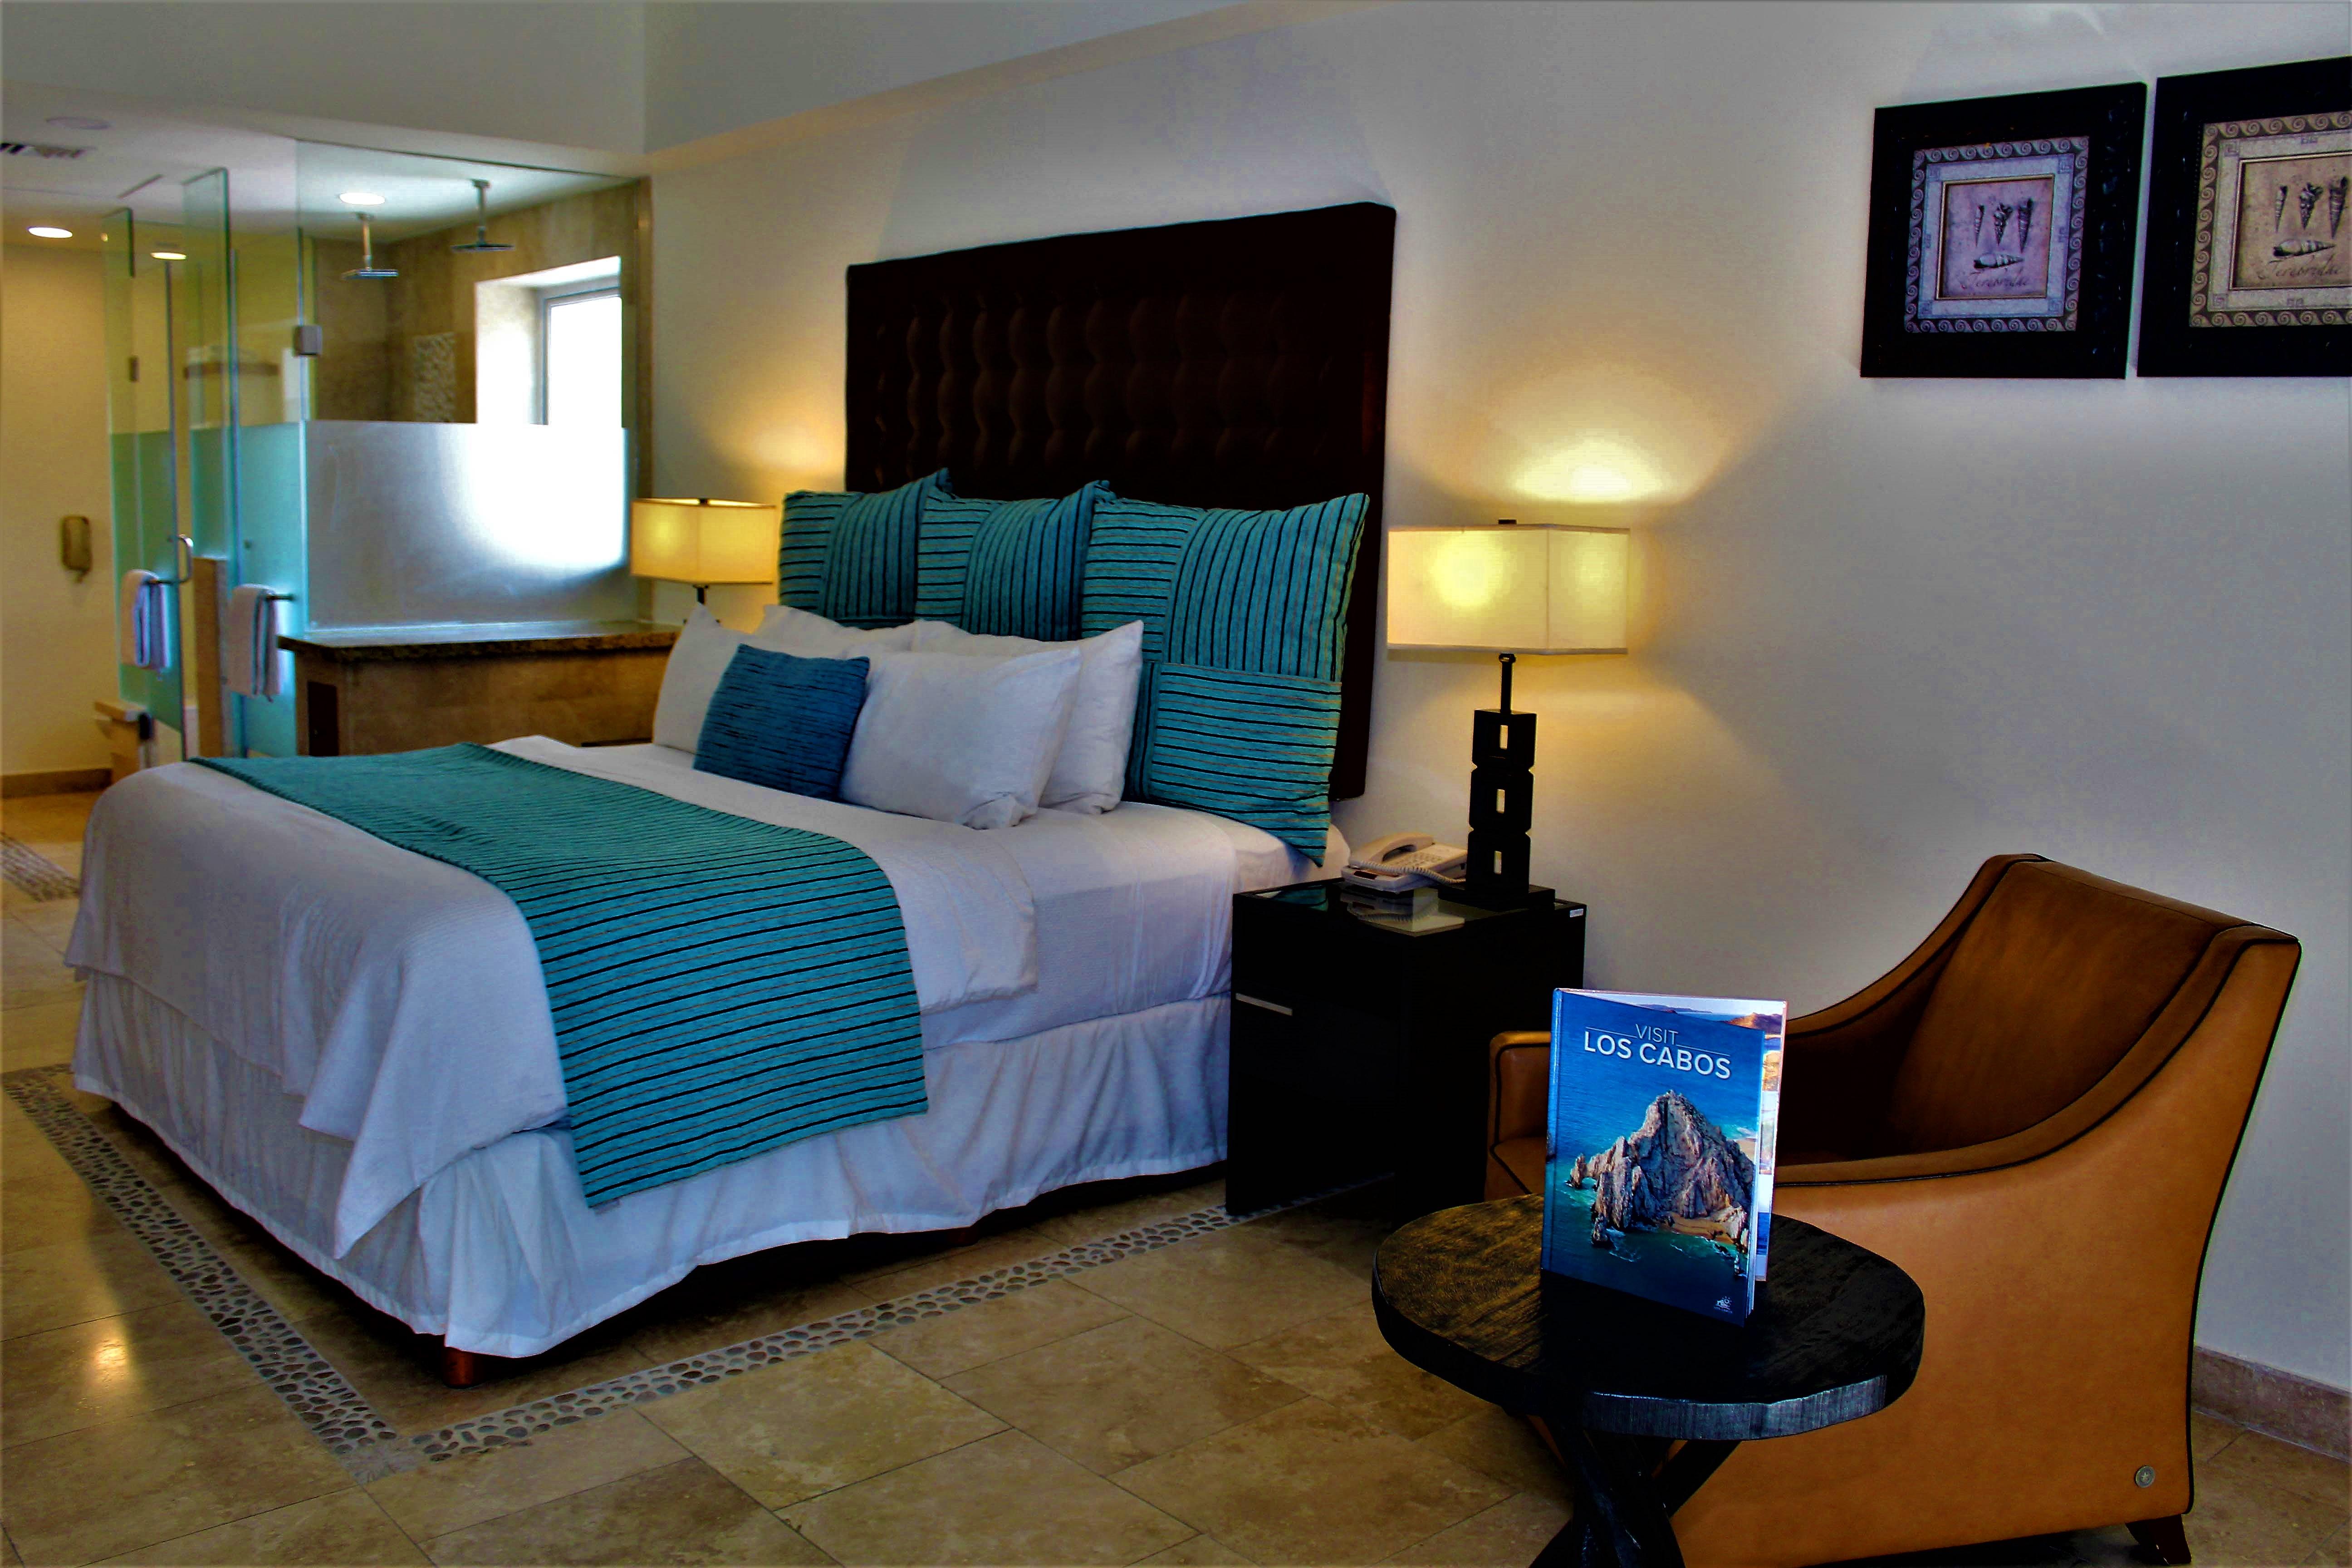 Suite mit 2 Schlafzimmern Im Herzen von Cabo  in Mittelamerika und Karibik